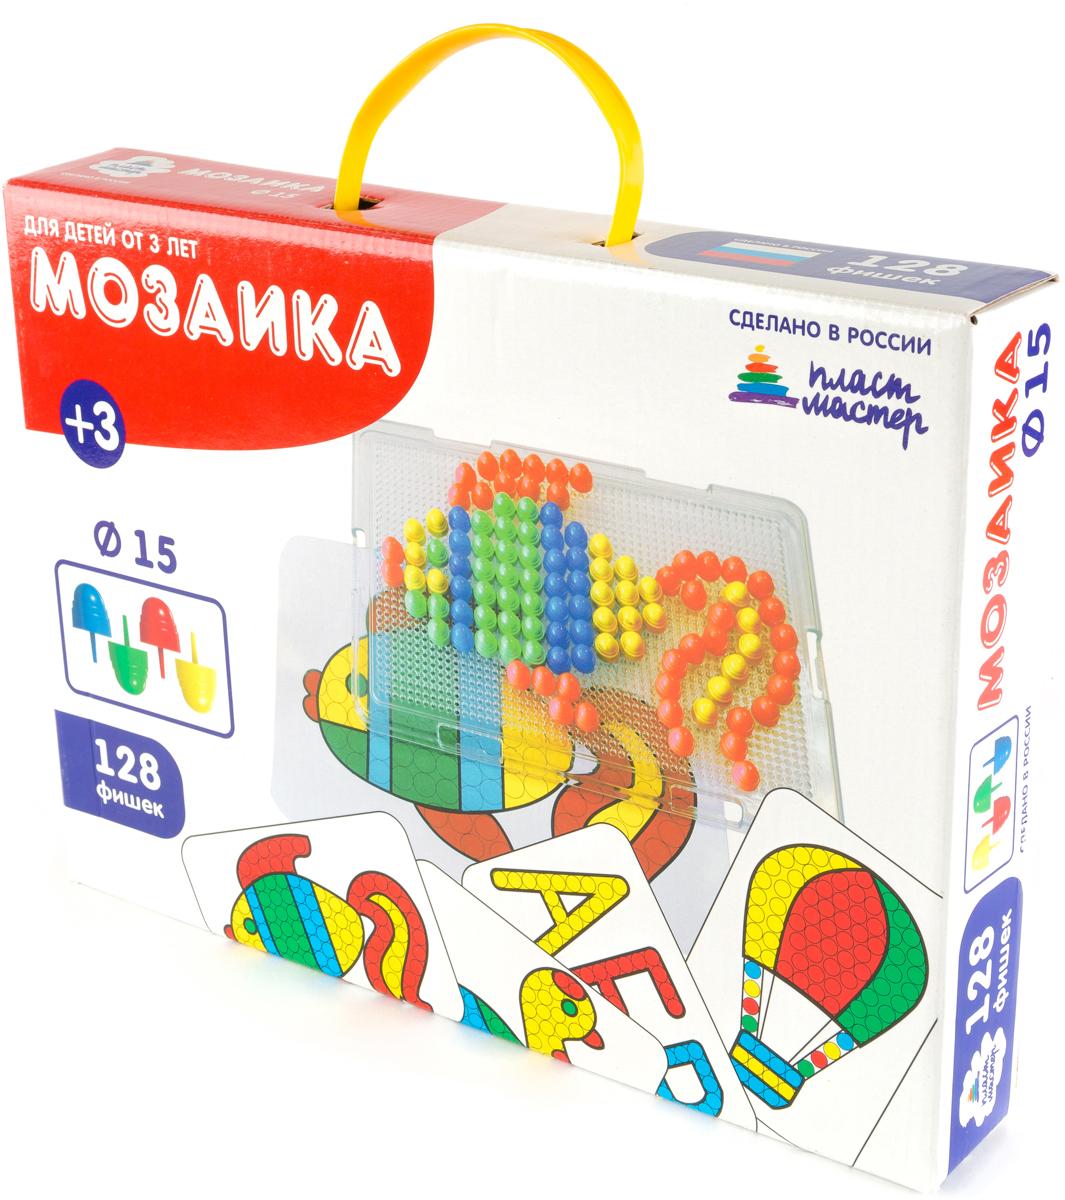 Пластмастер Мозаика с картинками d15 игра мозаика с аппликацией медовая сказка d10 d15 d20 105 5 цв 6 аппл 2 поля